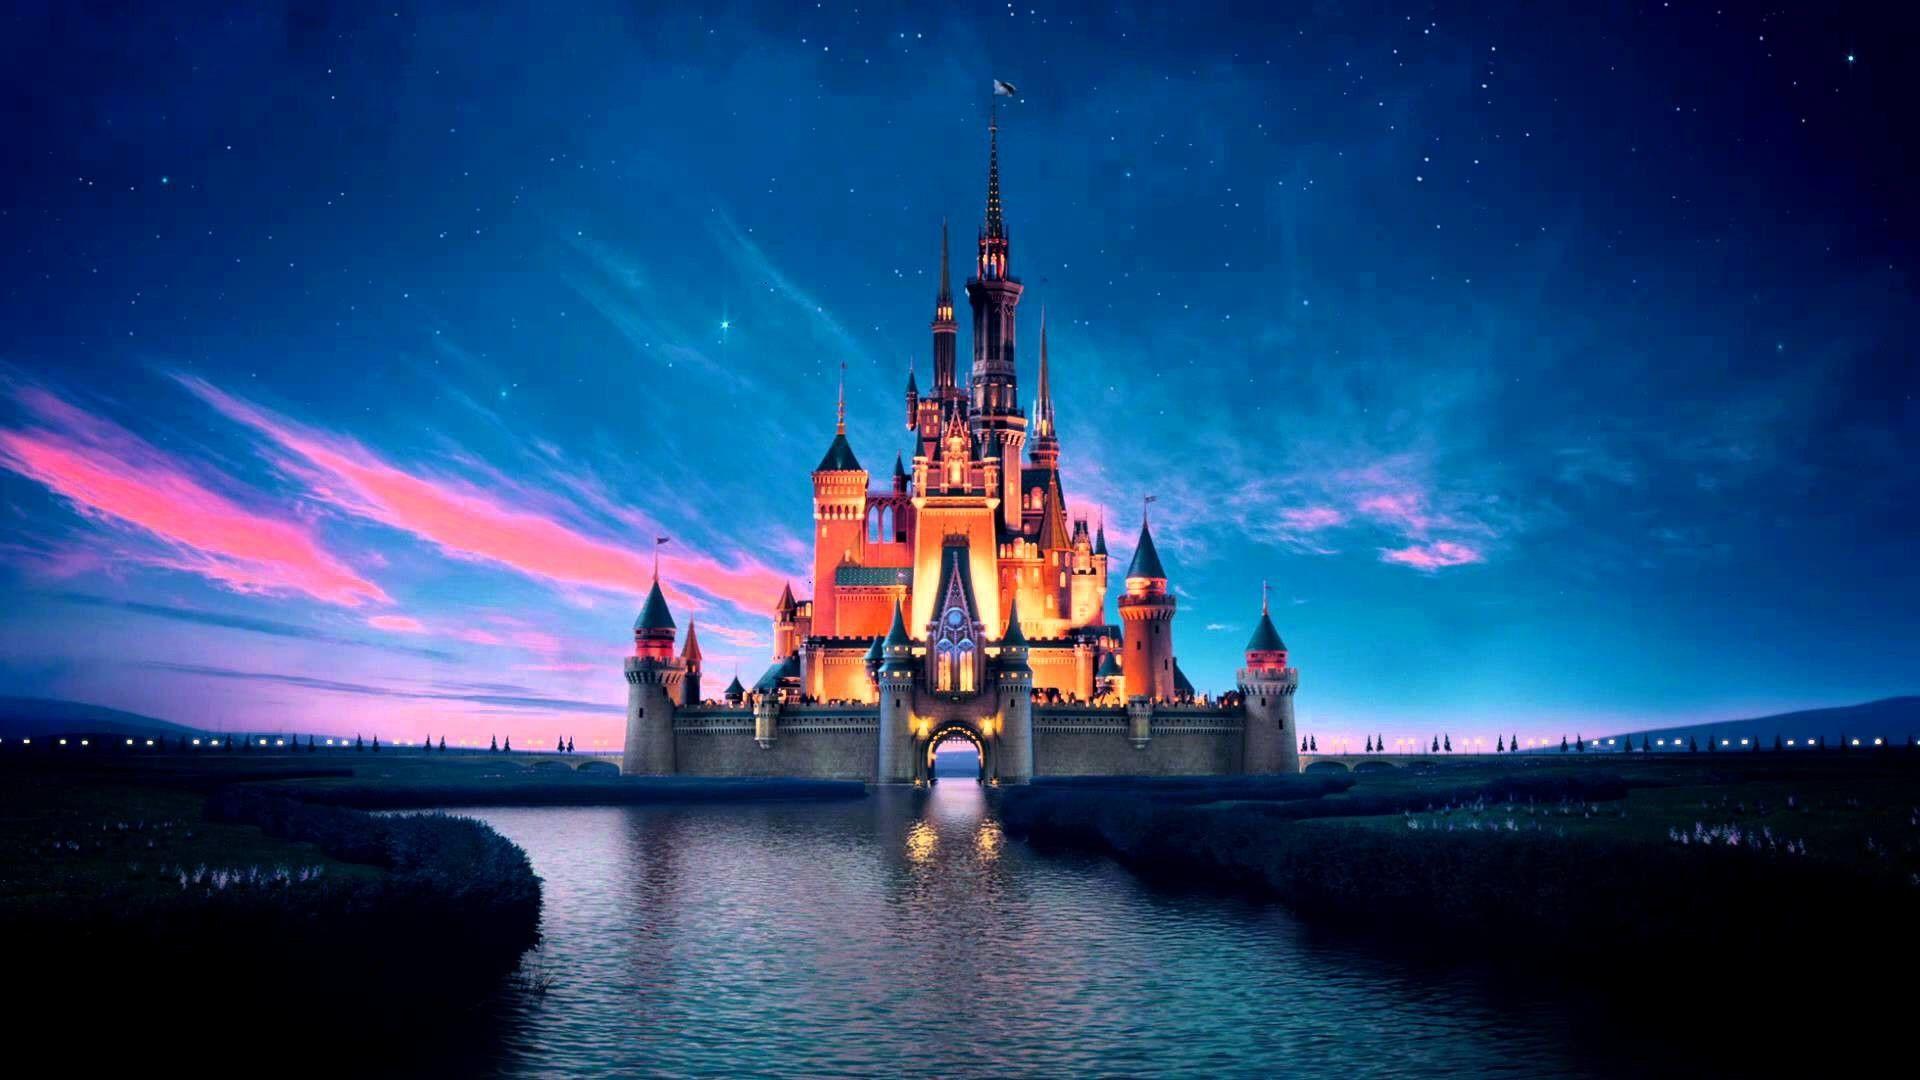 Disney Castle Wallpaper Hd Disney Desktop Wallpaper Laptop Wallpaper Cute Backgrounds